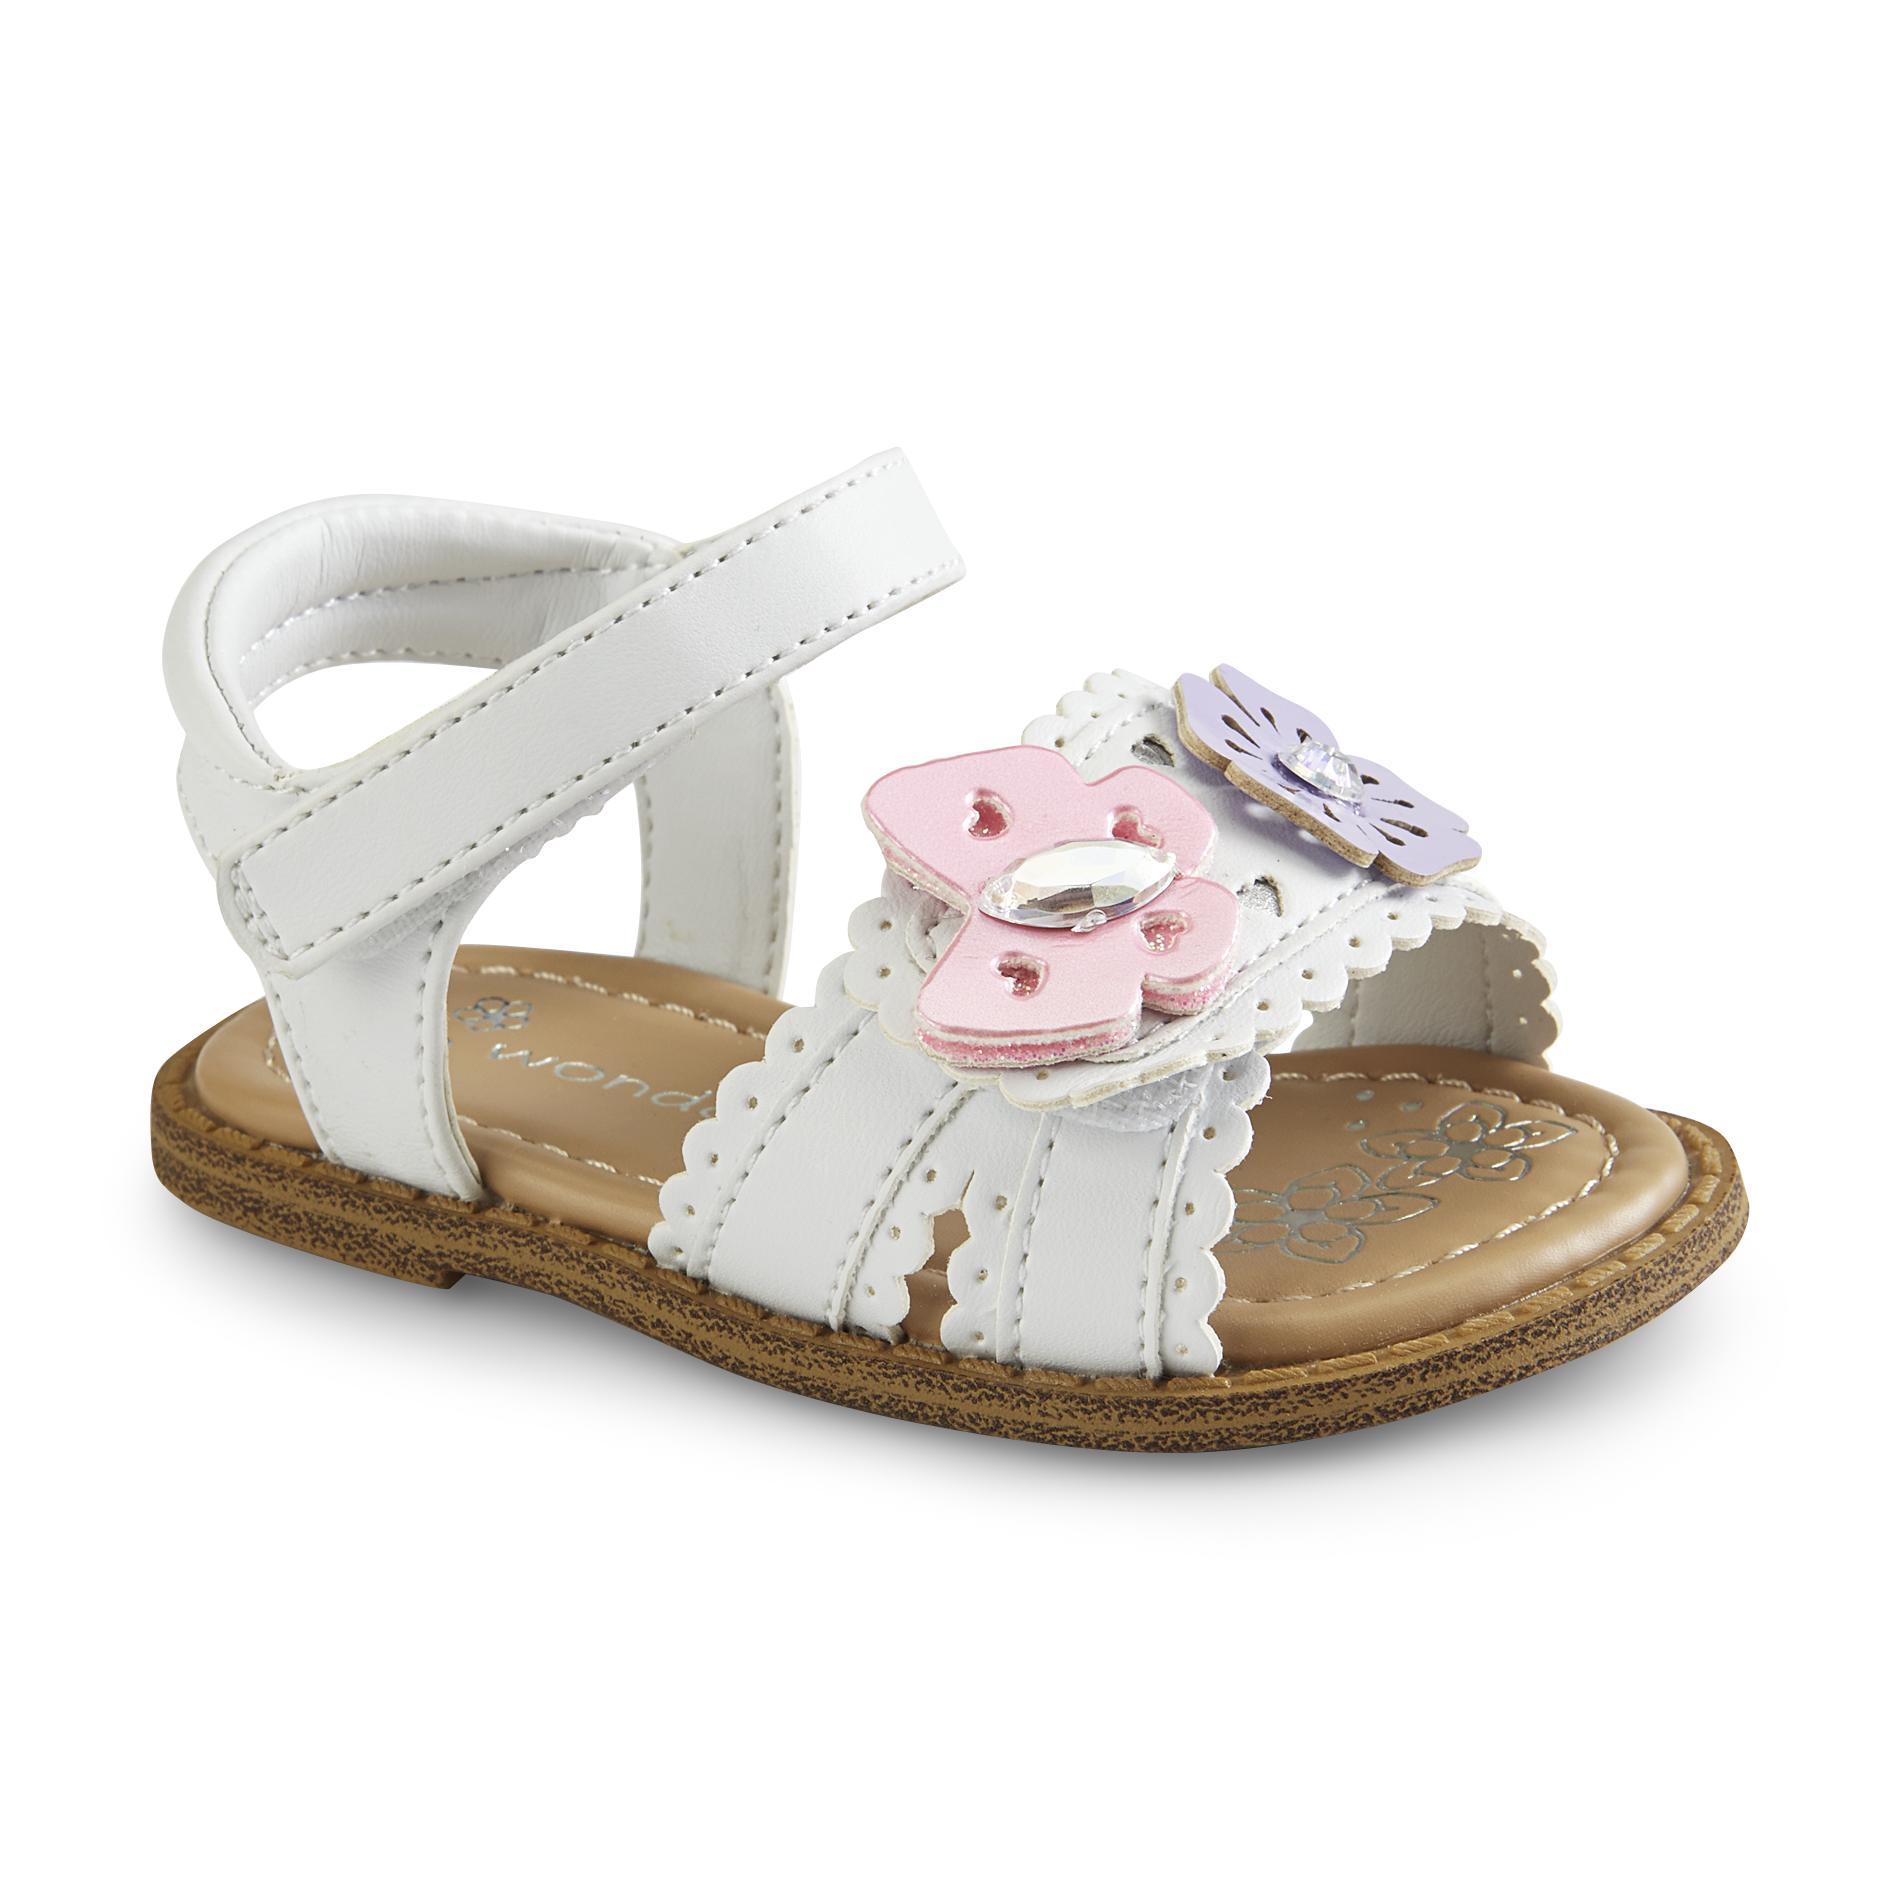 WonderKids Baby Girl's Multifly White Dress Sandal